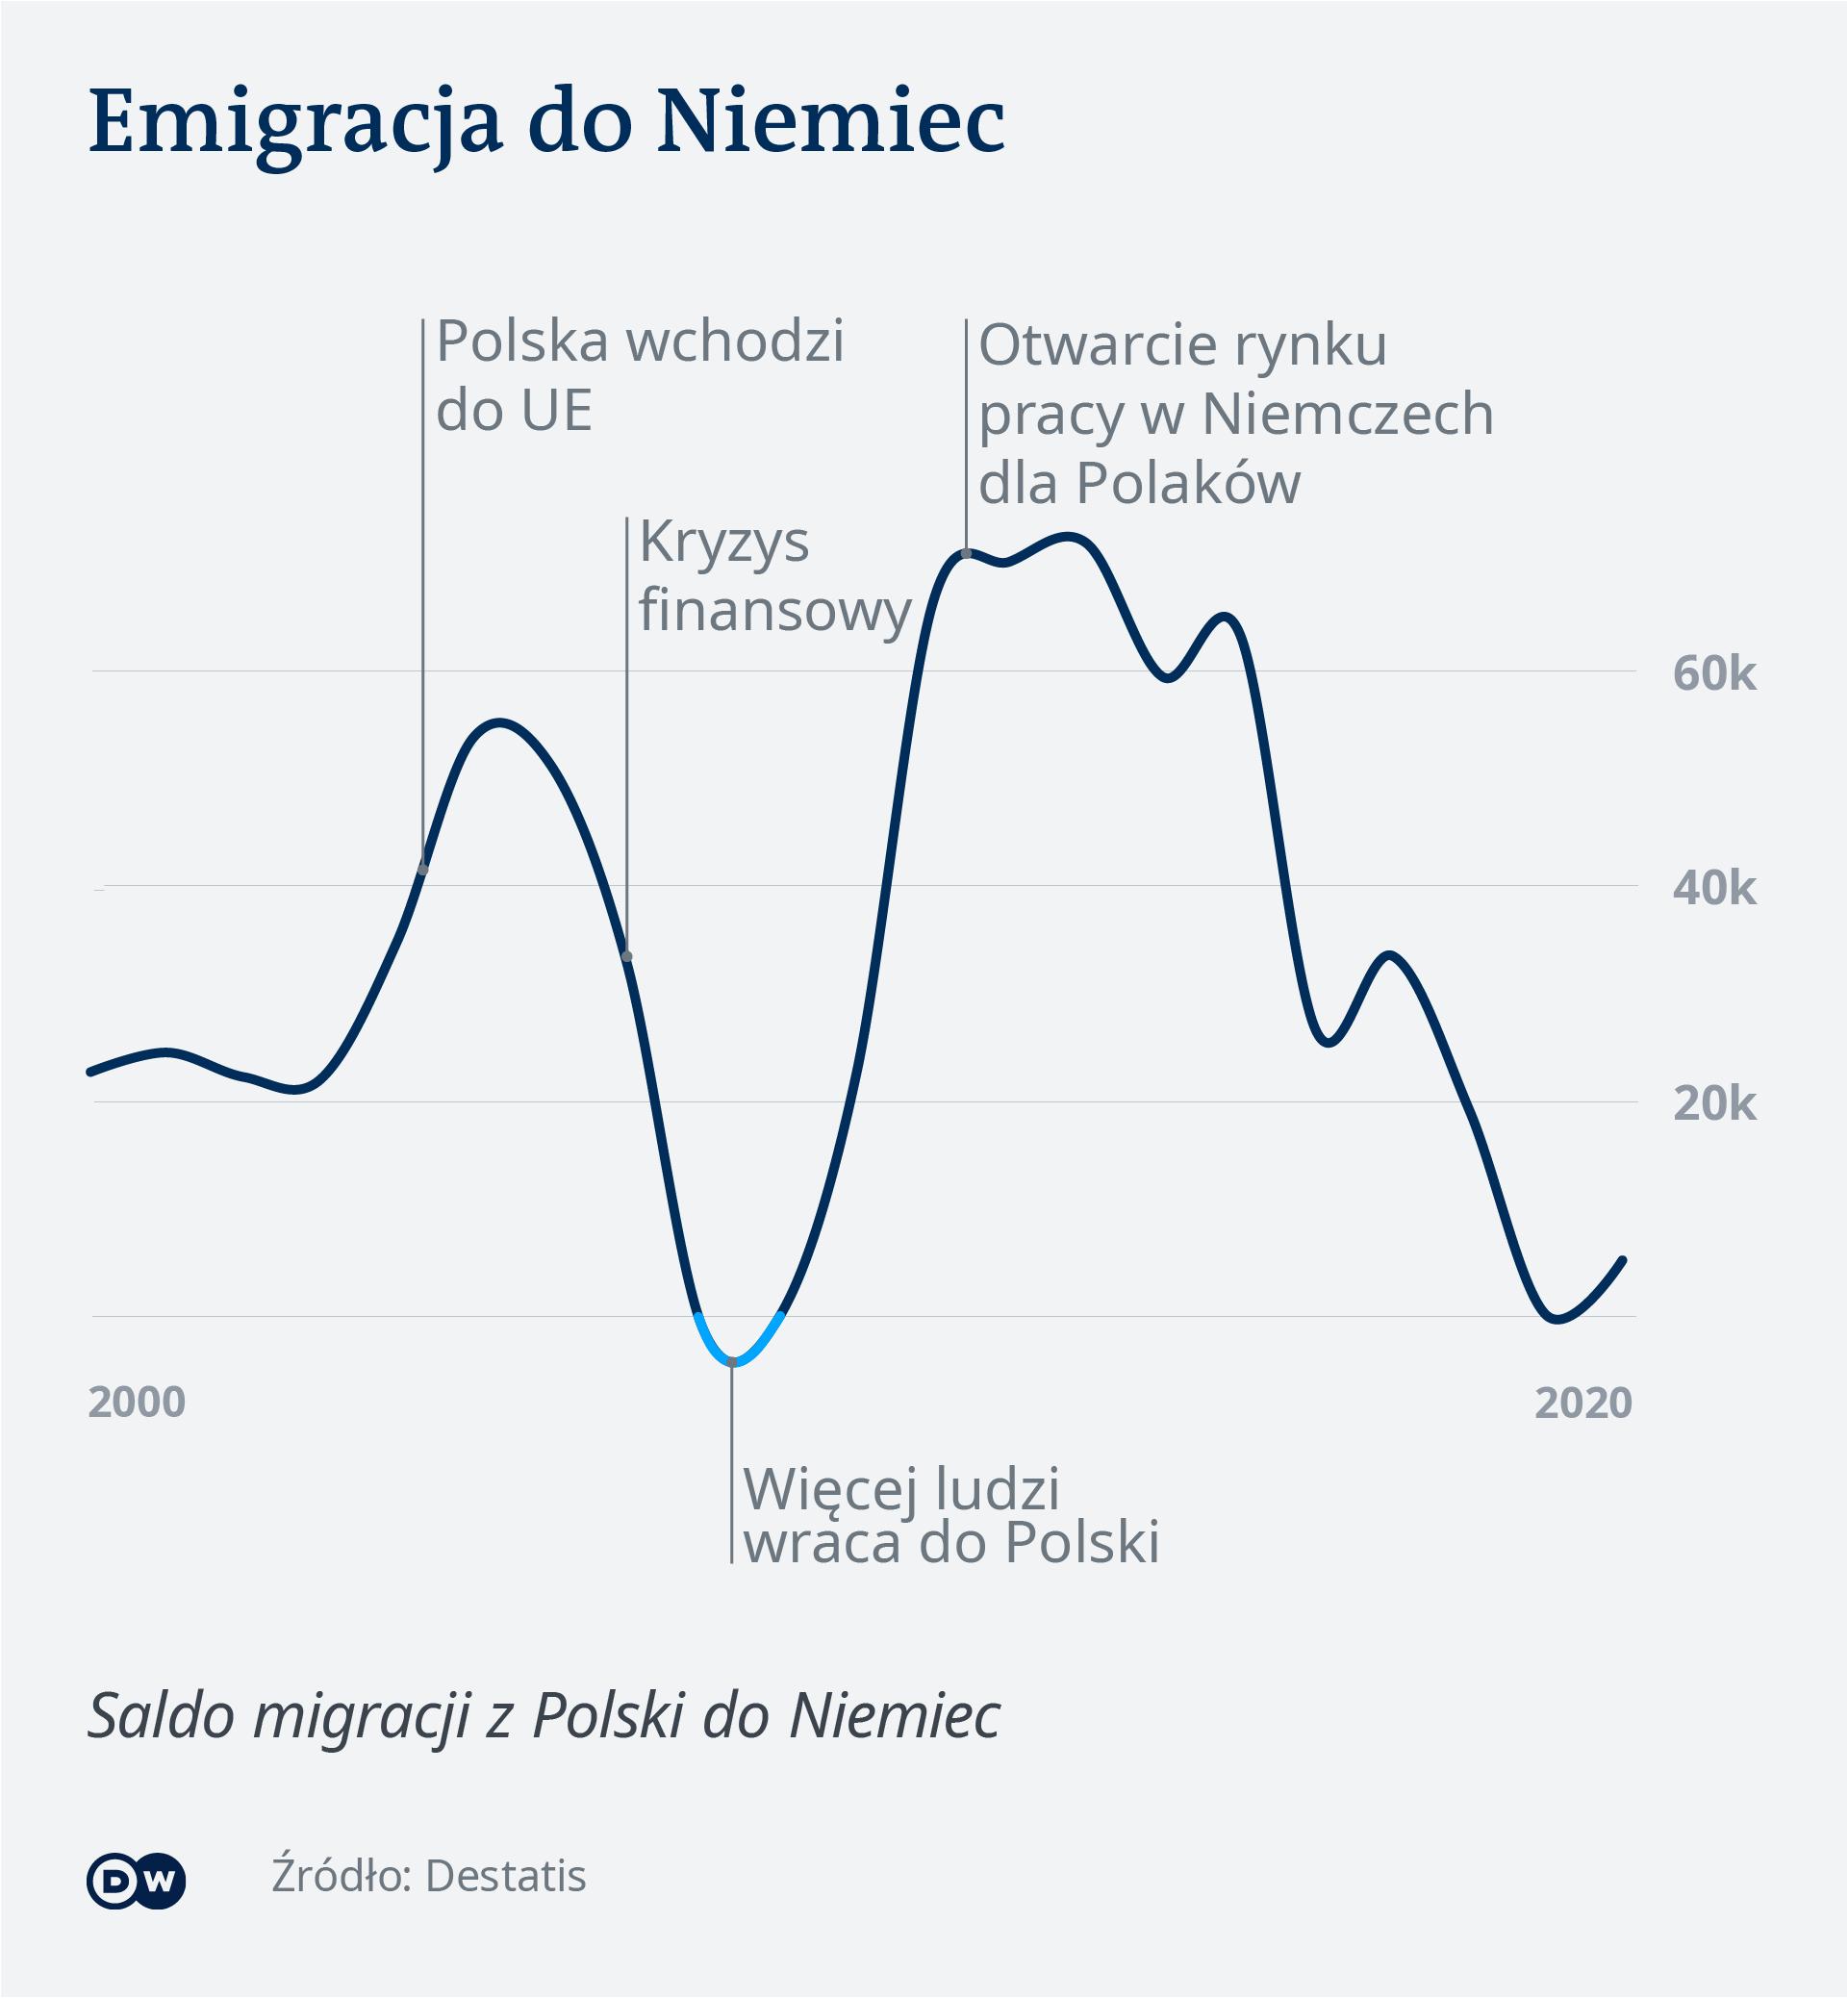 Migracja między Polską i Niemcami